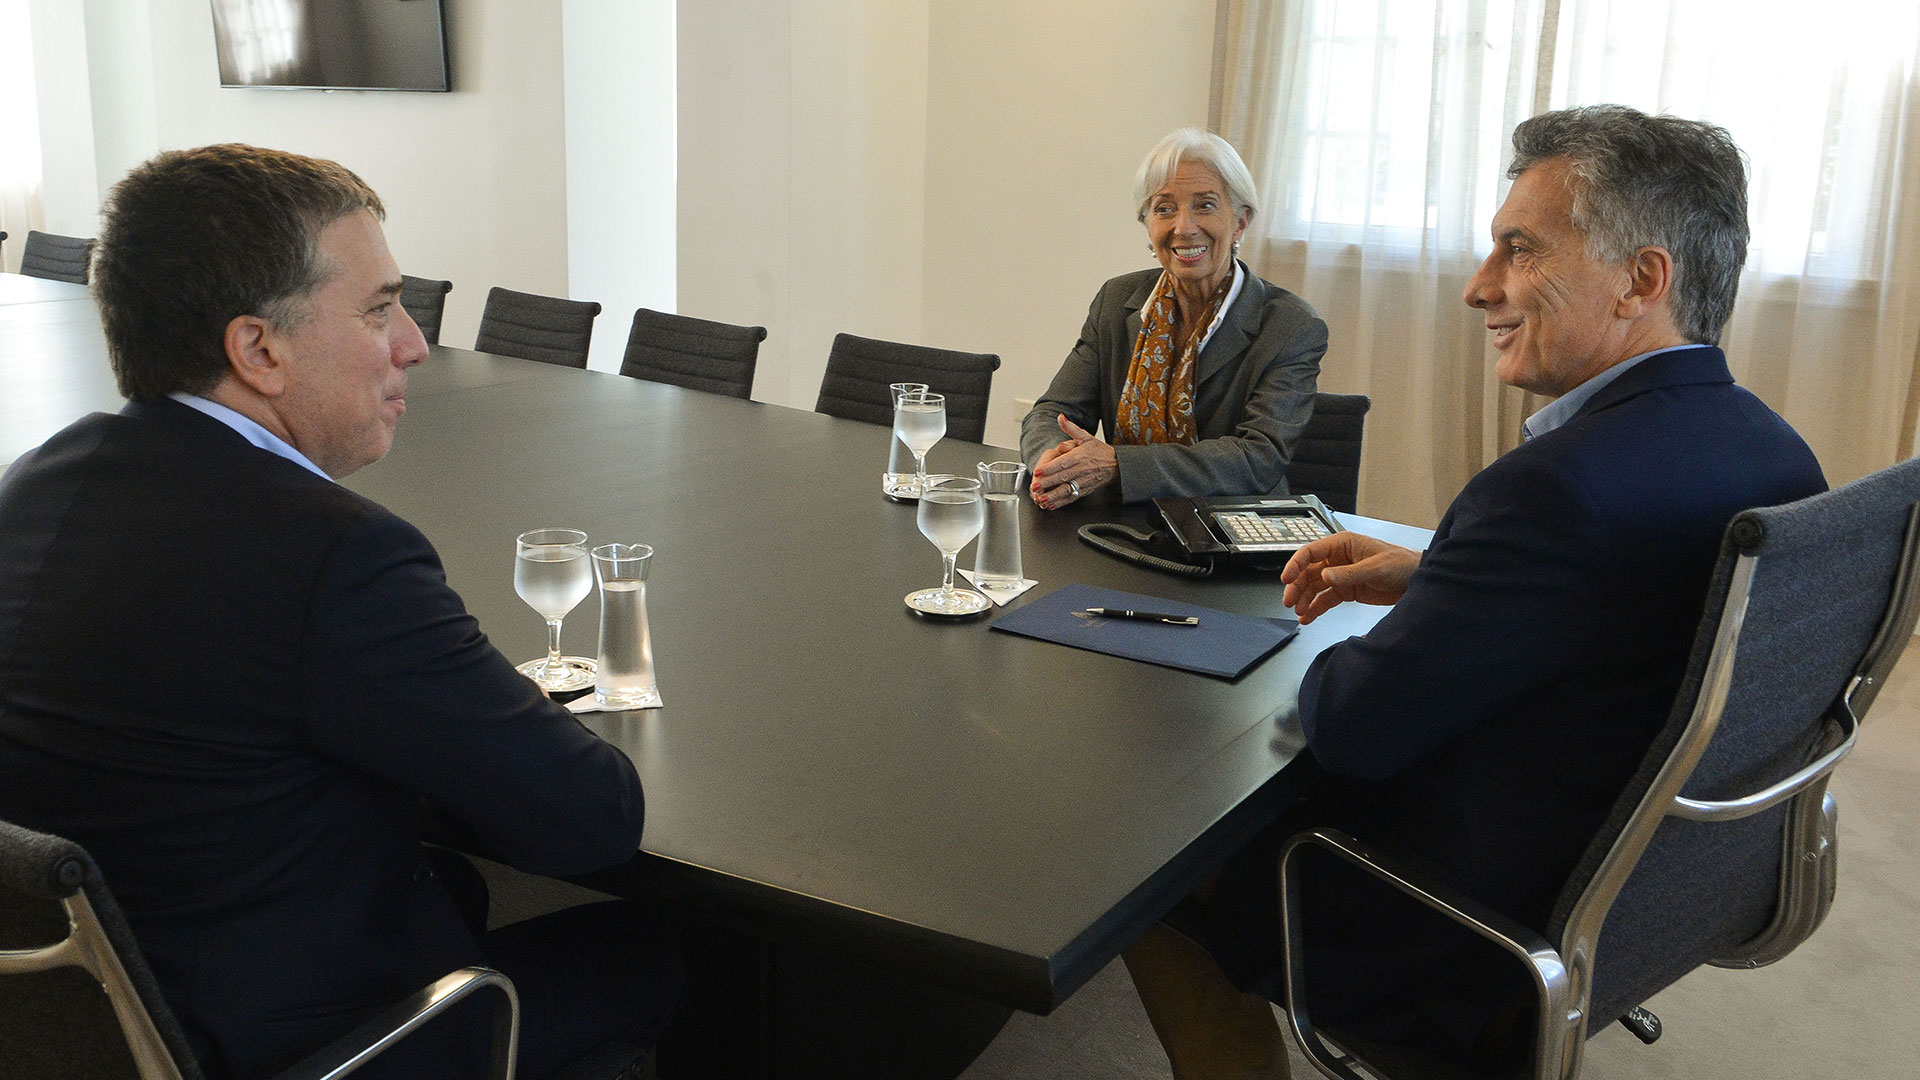 Dujovne, Lagarde y Macri, en Buenos Aires, en marzo pasado